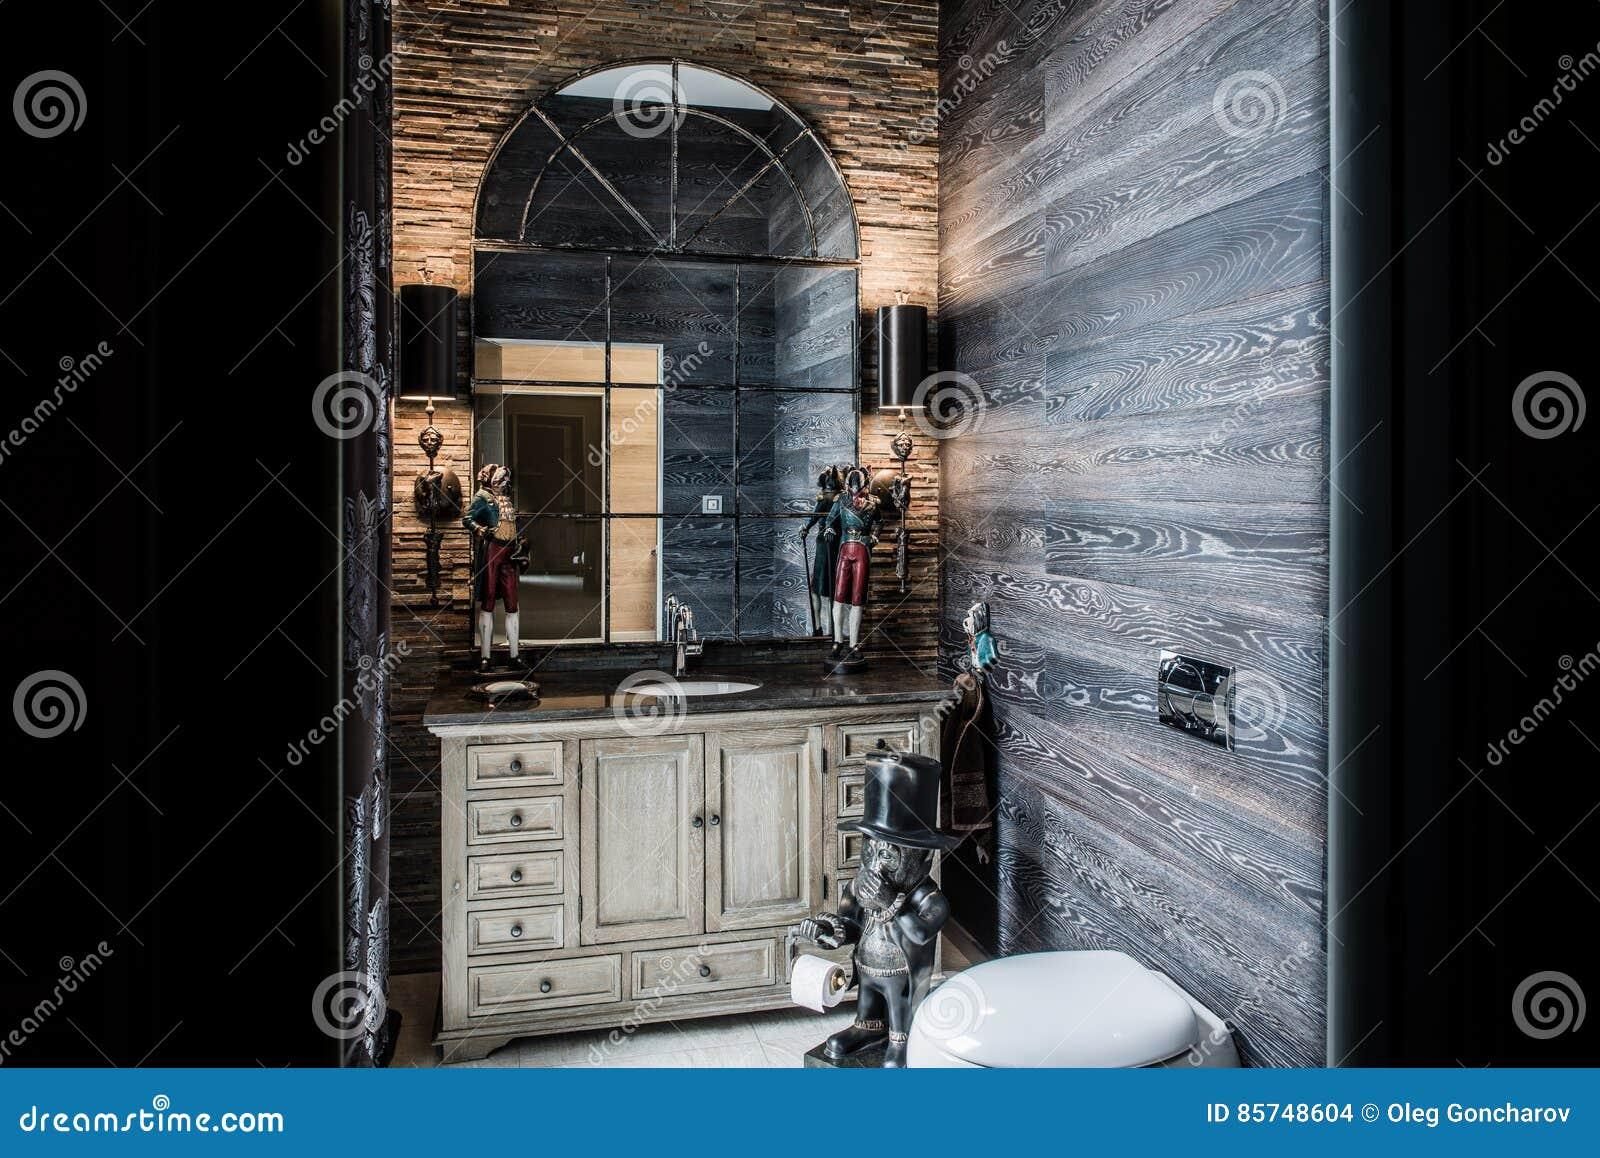 Nella Toilette Sono Lo Specchio Antico E Le Lampade Da